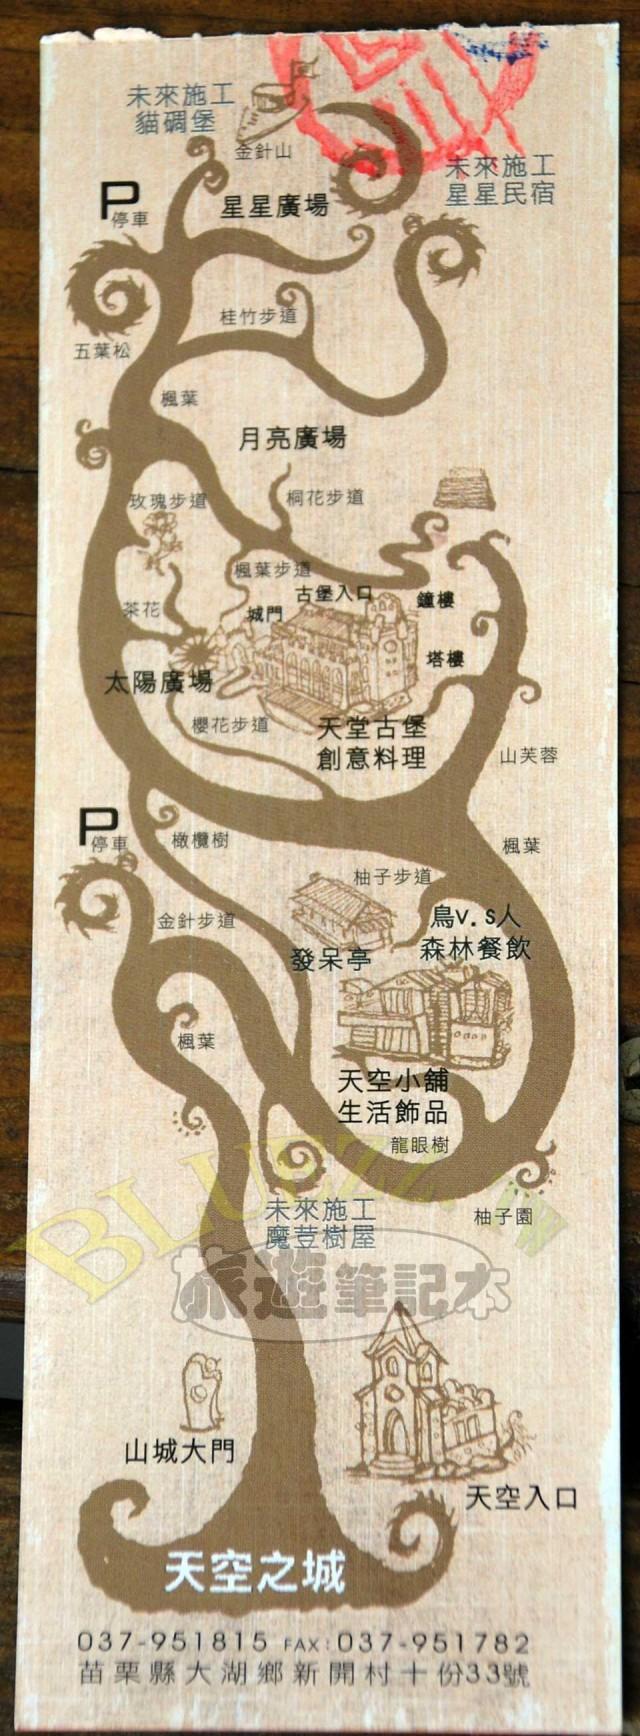 天空之城map.jpg